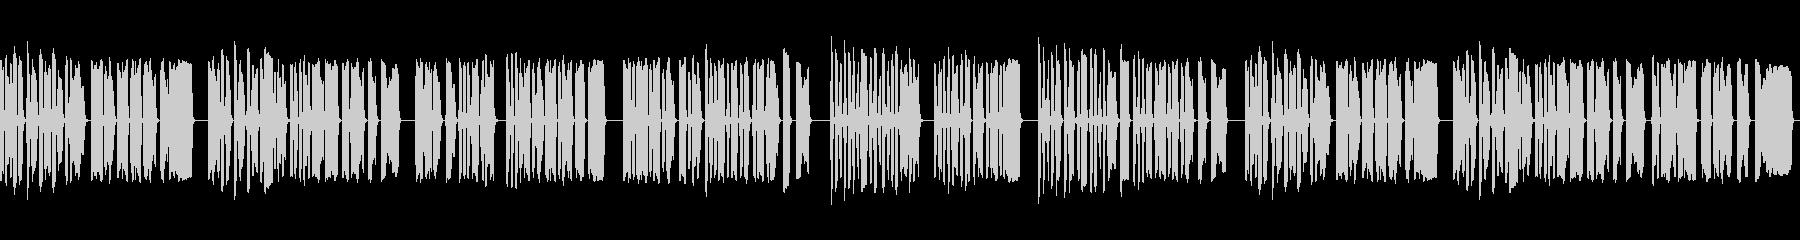 小学生の笛2の未再生の波形